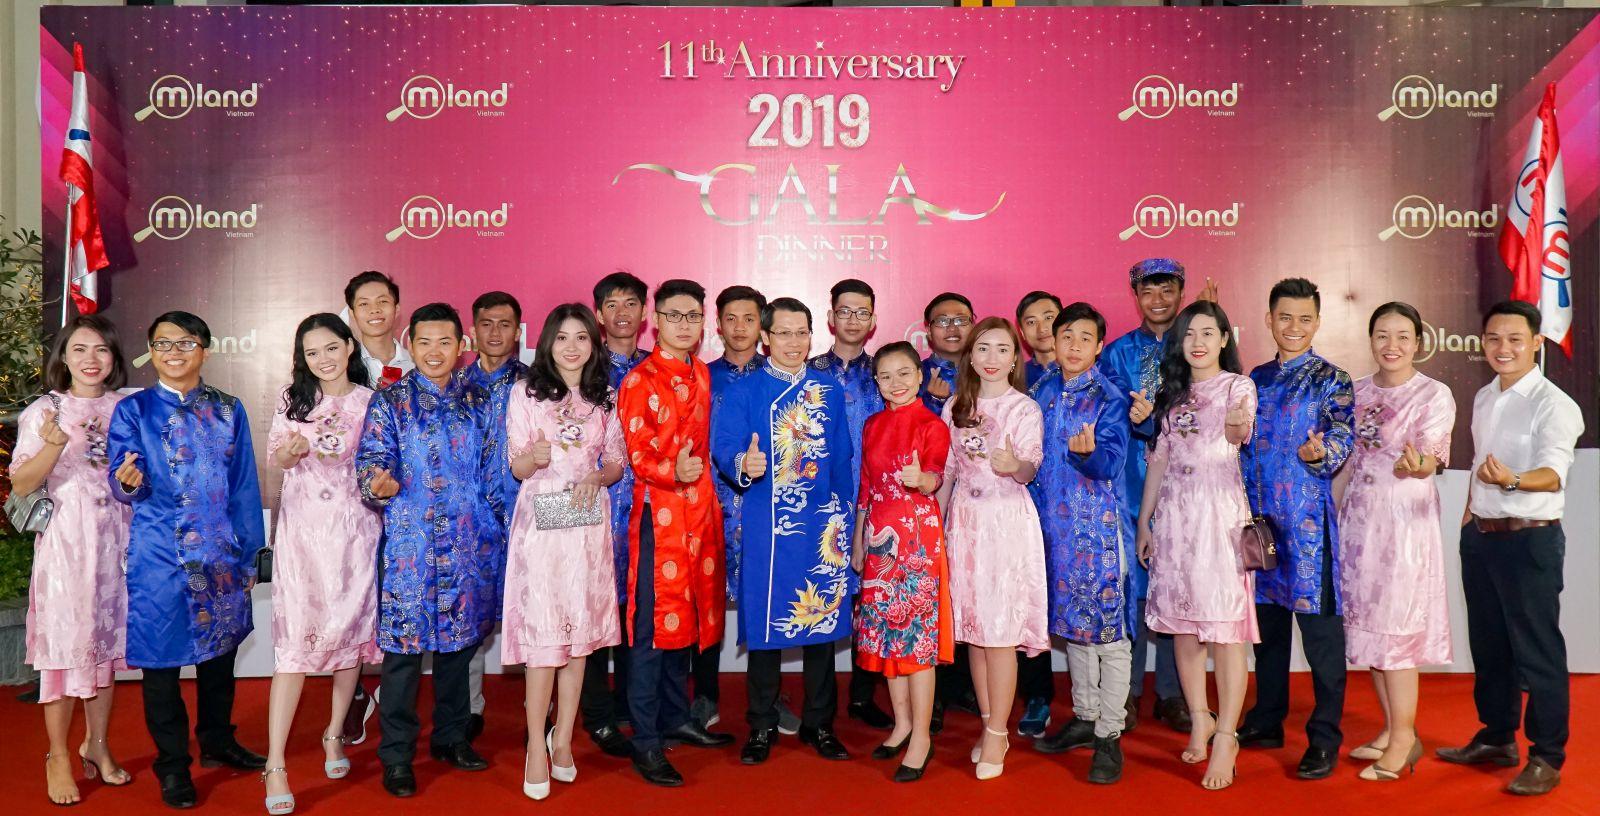 MLAND Vietnam tưng bừng tổng kết cuối năm 2018, tiệc tất niên và mừng sinh nhật lần thứ 11